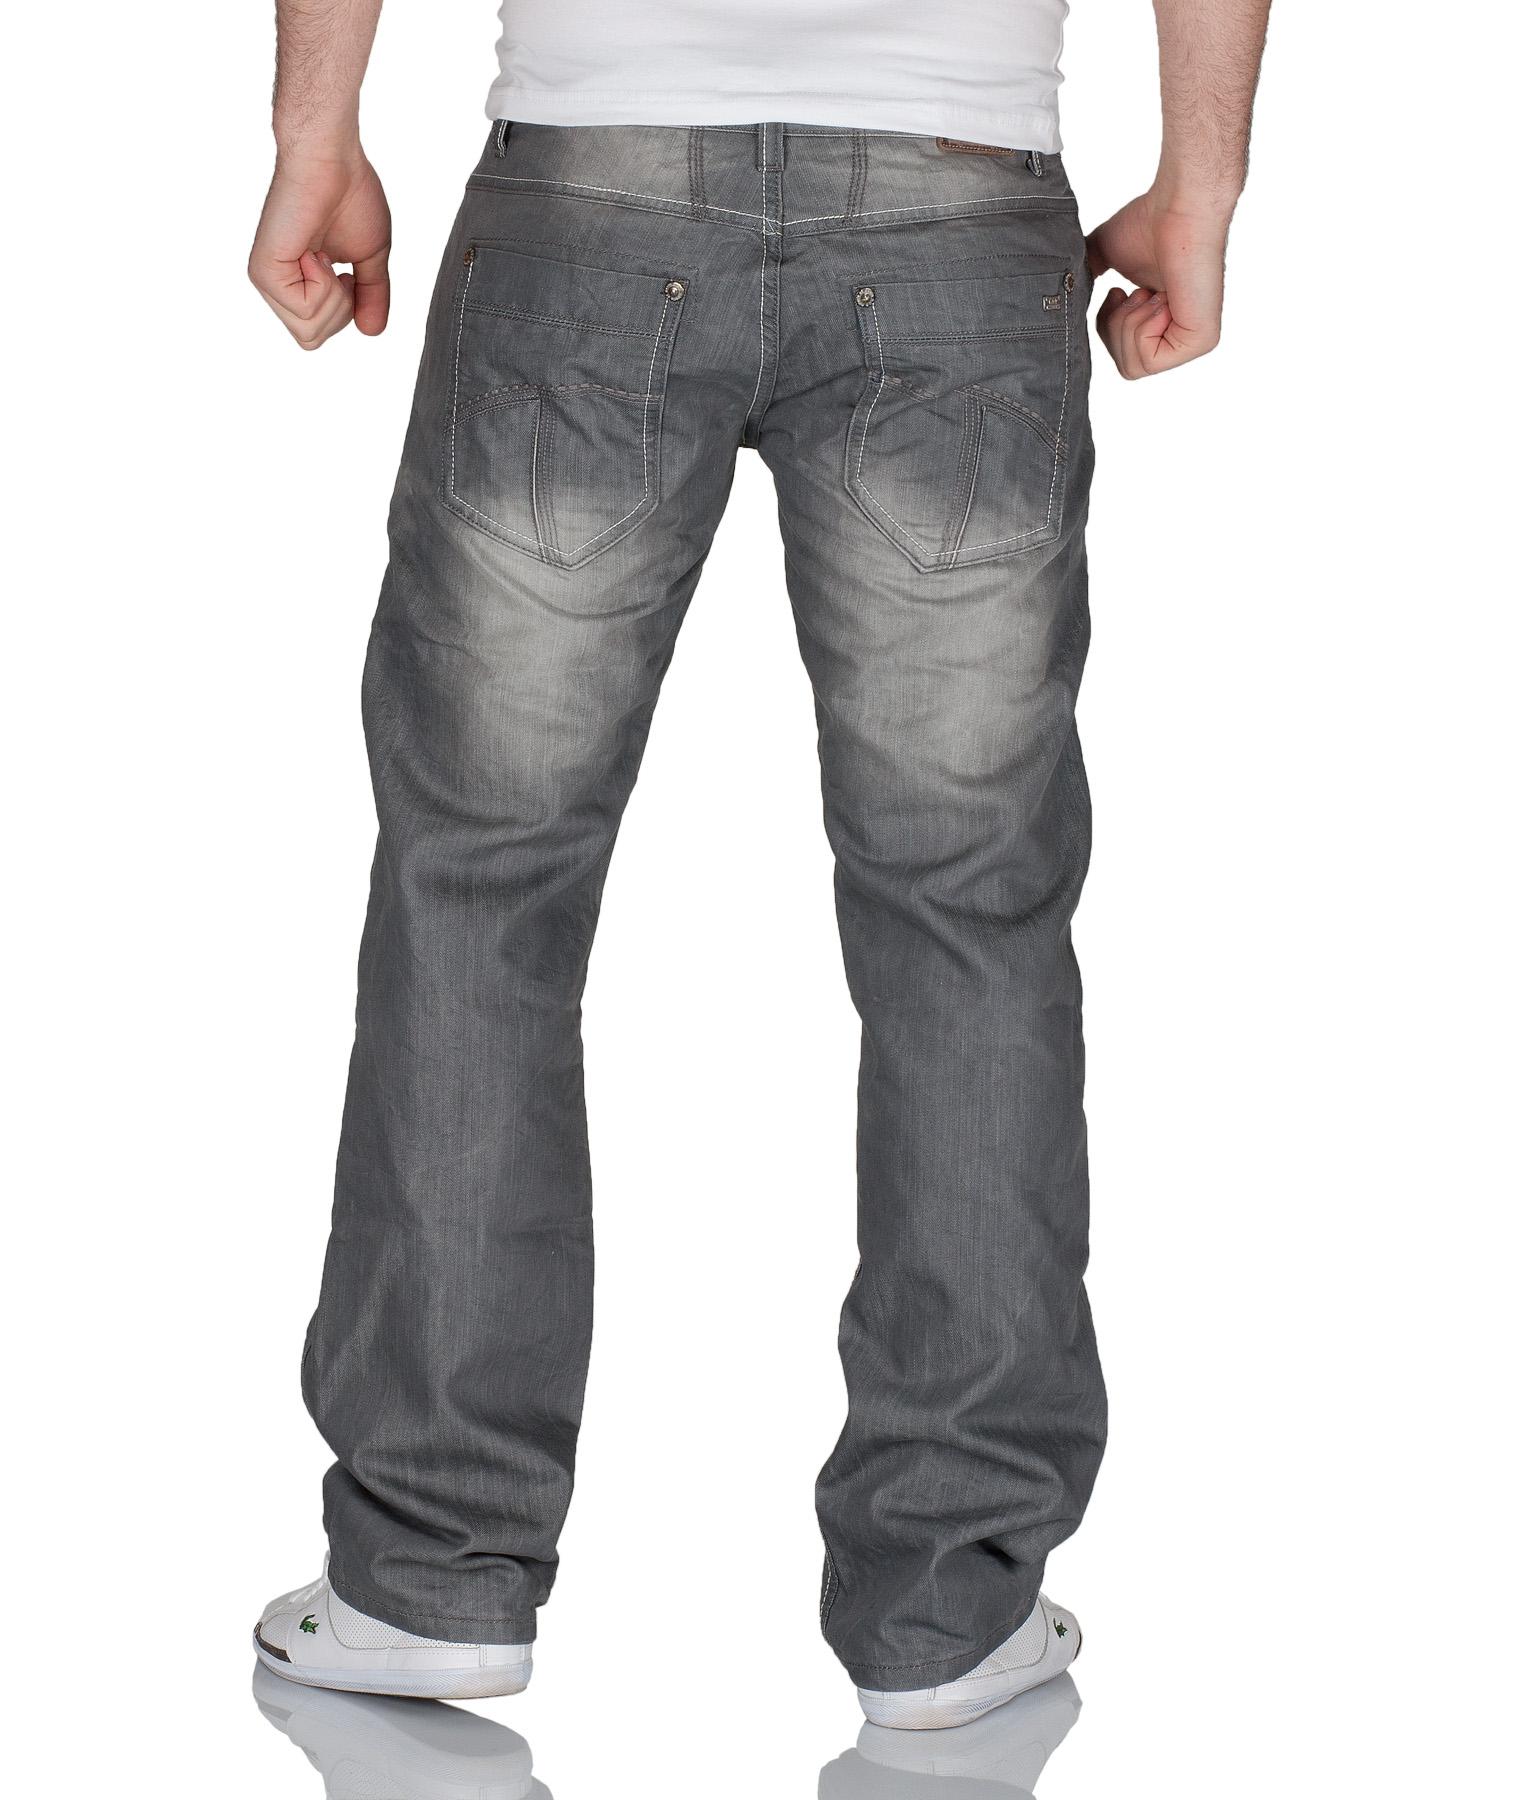 pin jeans herren hose miracle of denim 2012 star mod 3876. Black Bedroom Furniture Sets. Home Design Ideas